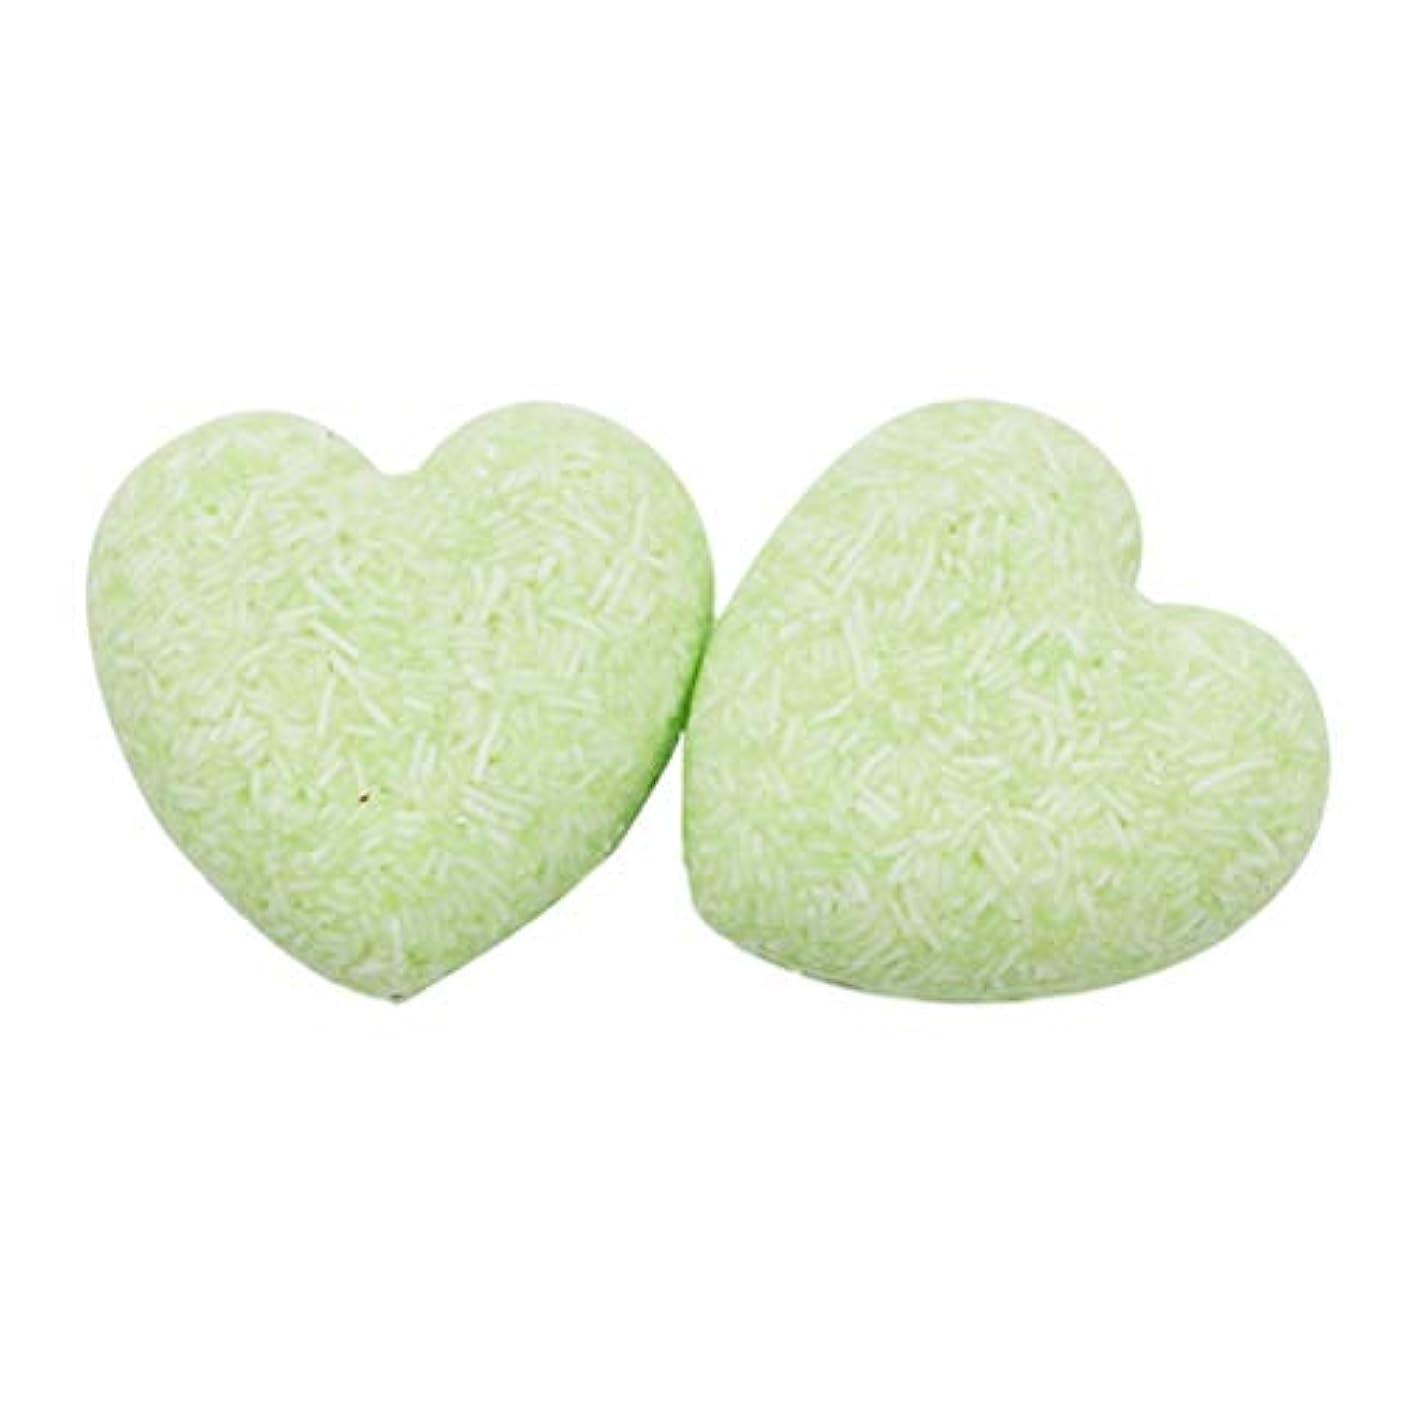 無意識付き添い人取り付けLurrose 2ピースヘアシャンプーバー石鹸栄養オイルコントロール育毛石鹸